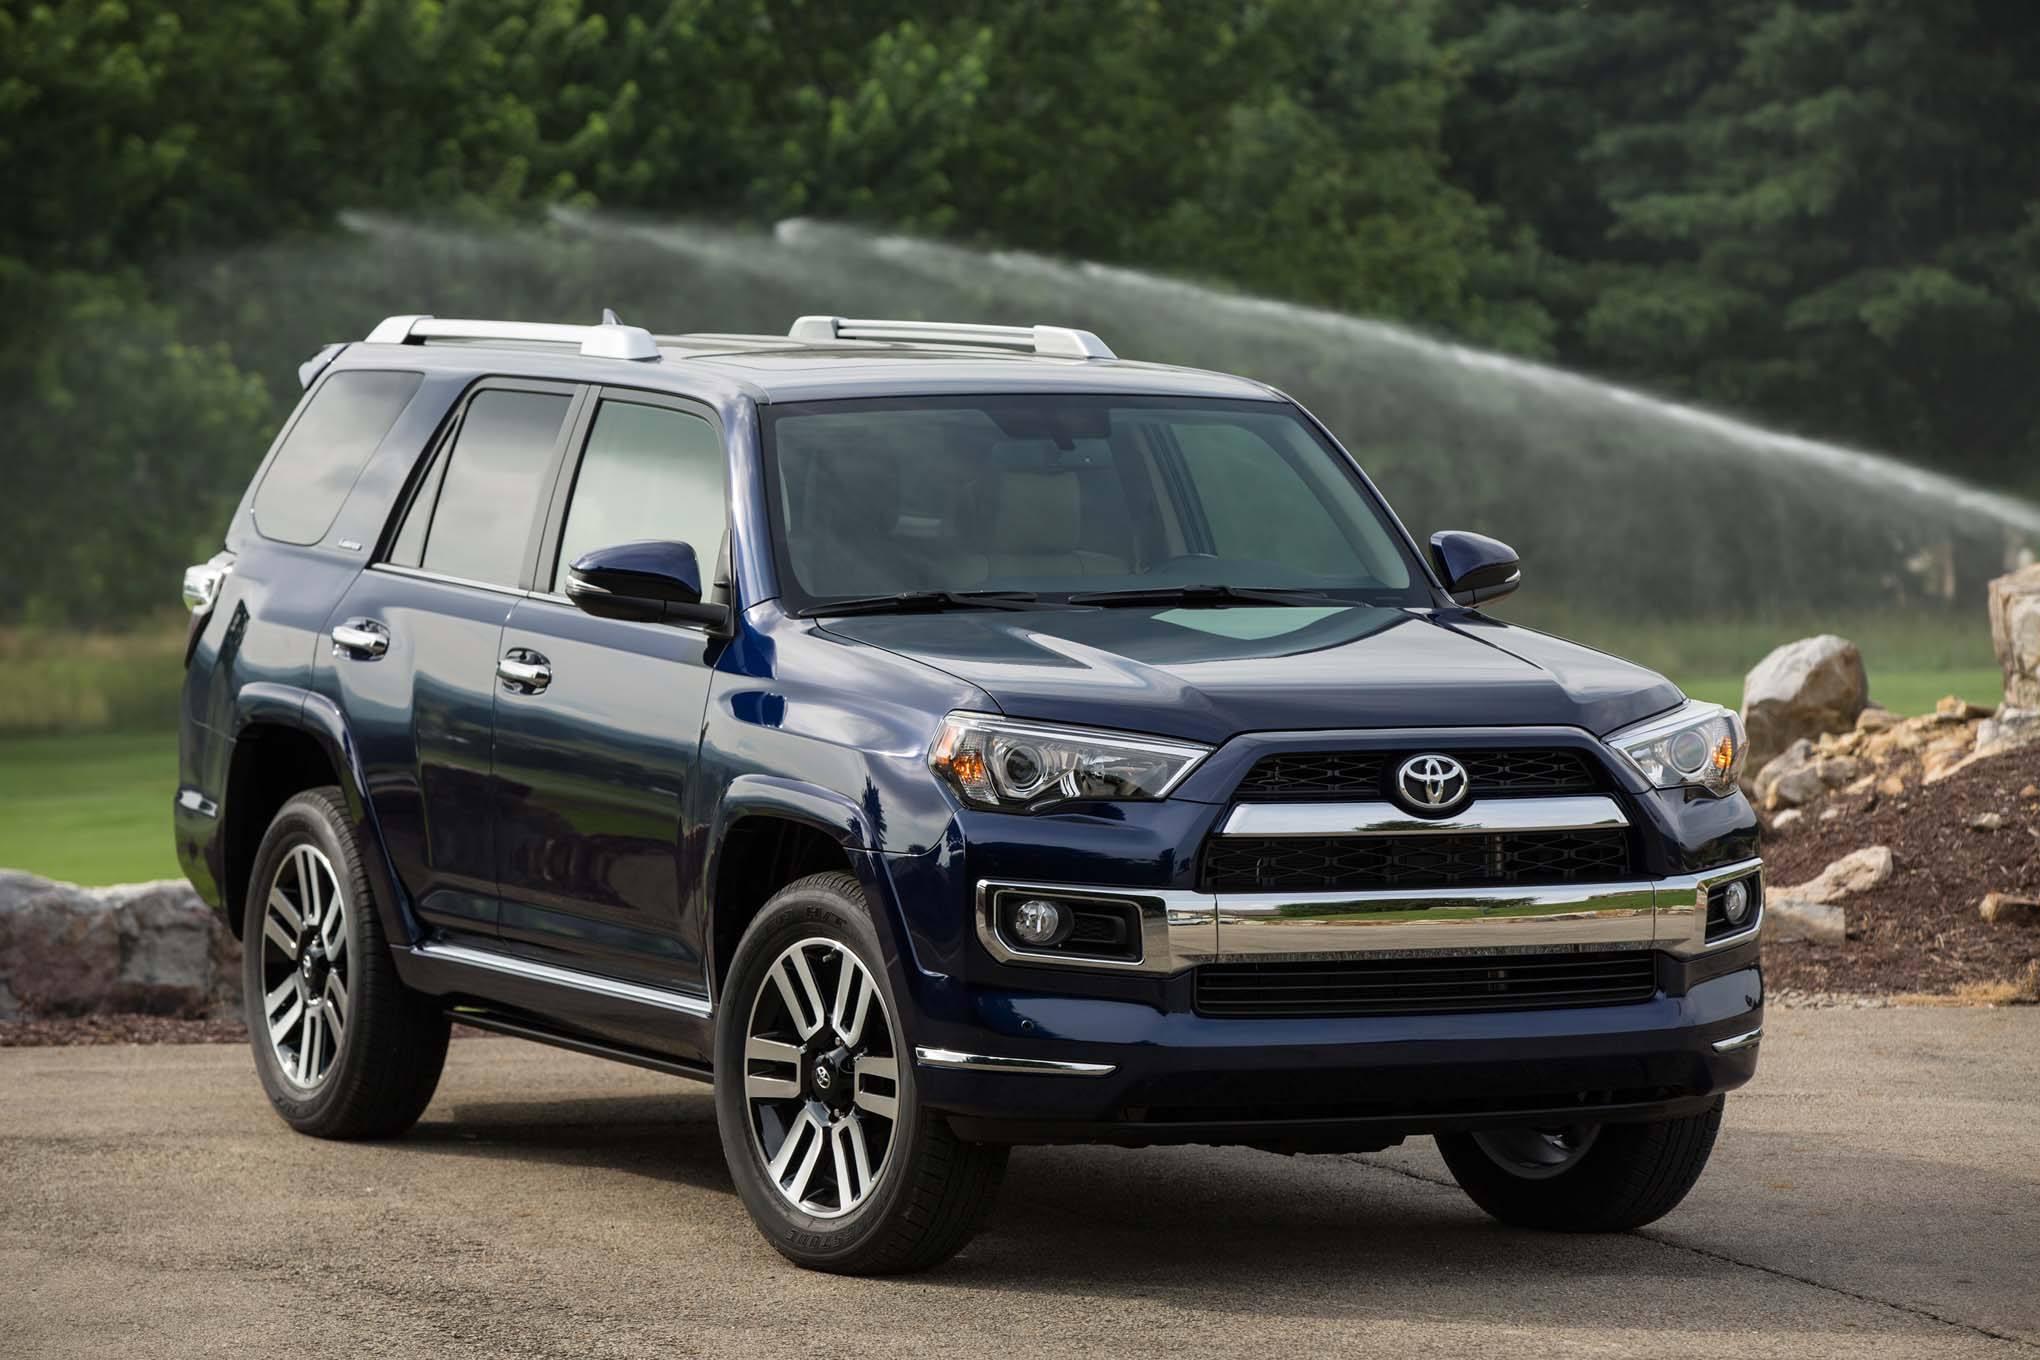 2017 Toyota 4Runner | Toyota